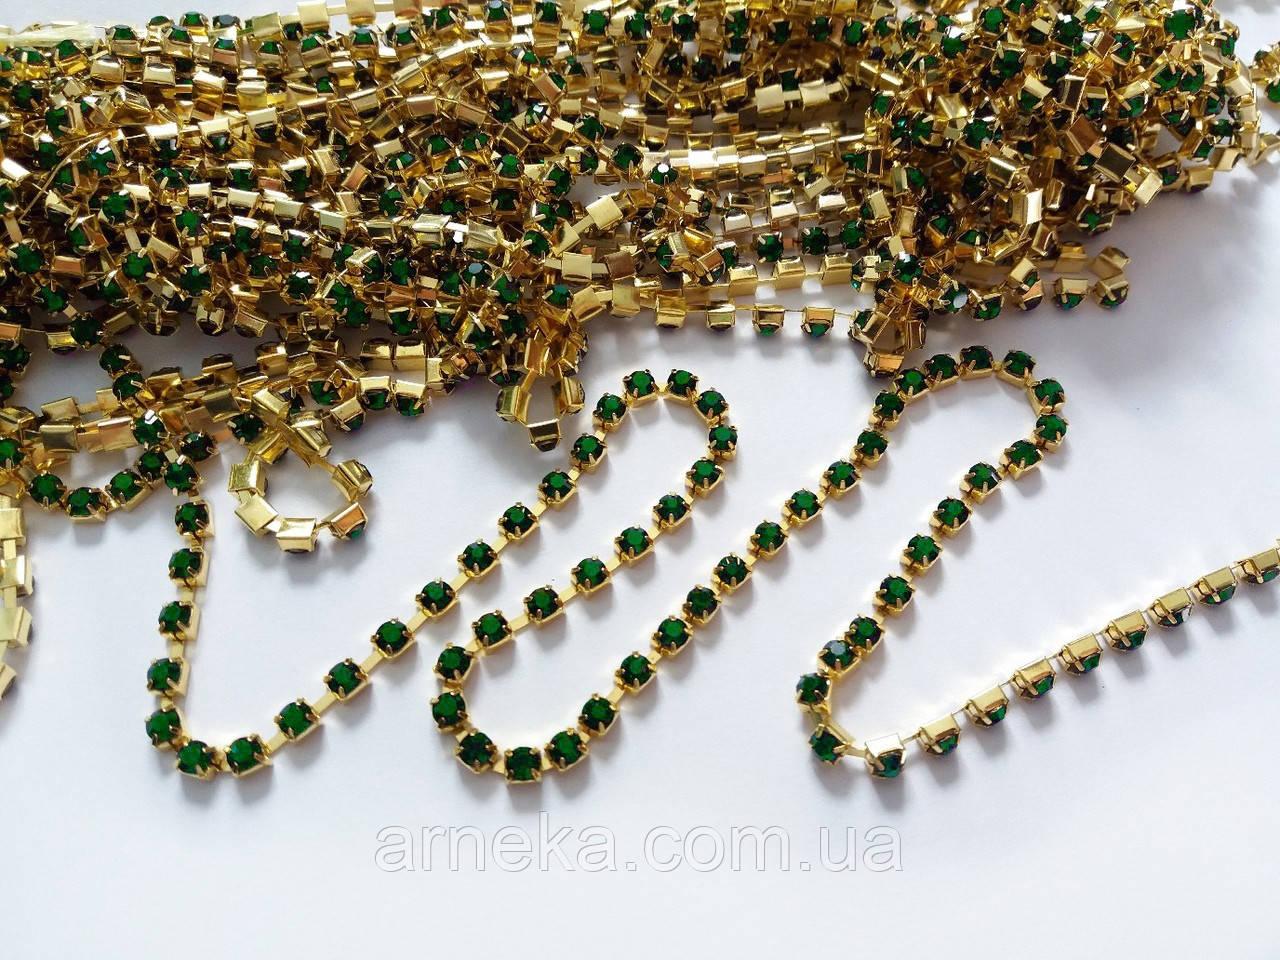 Ланцюжок зі стразами 0,35 см 50 см акрил зелені в золоті